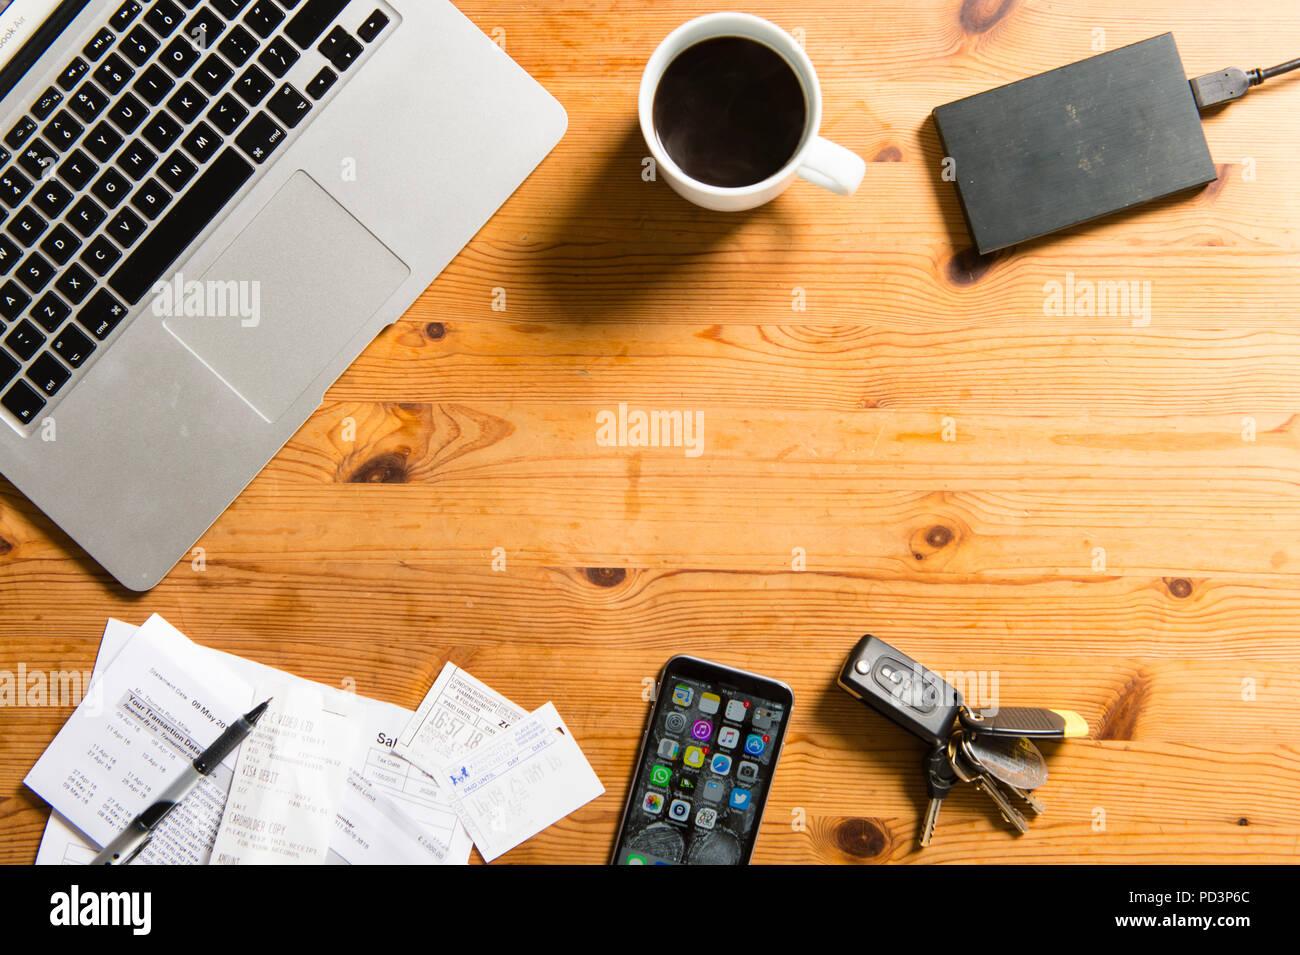 Vue du haut vers le bas du macbook avec du café, les reçus, les clés et l'iphone Photo Stock